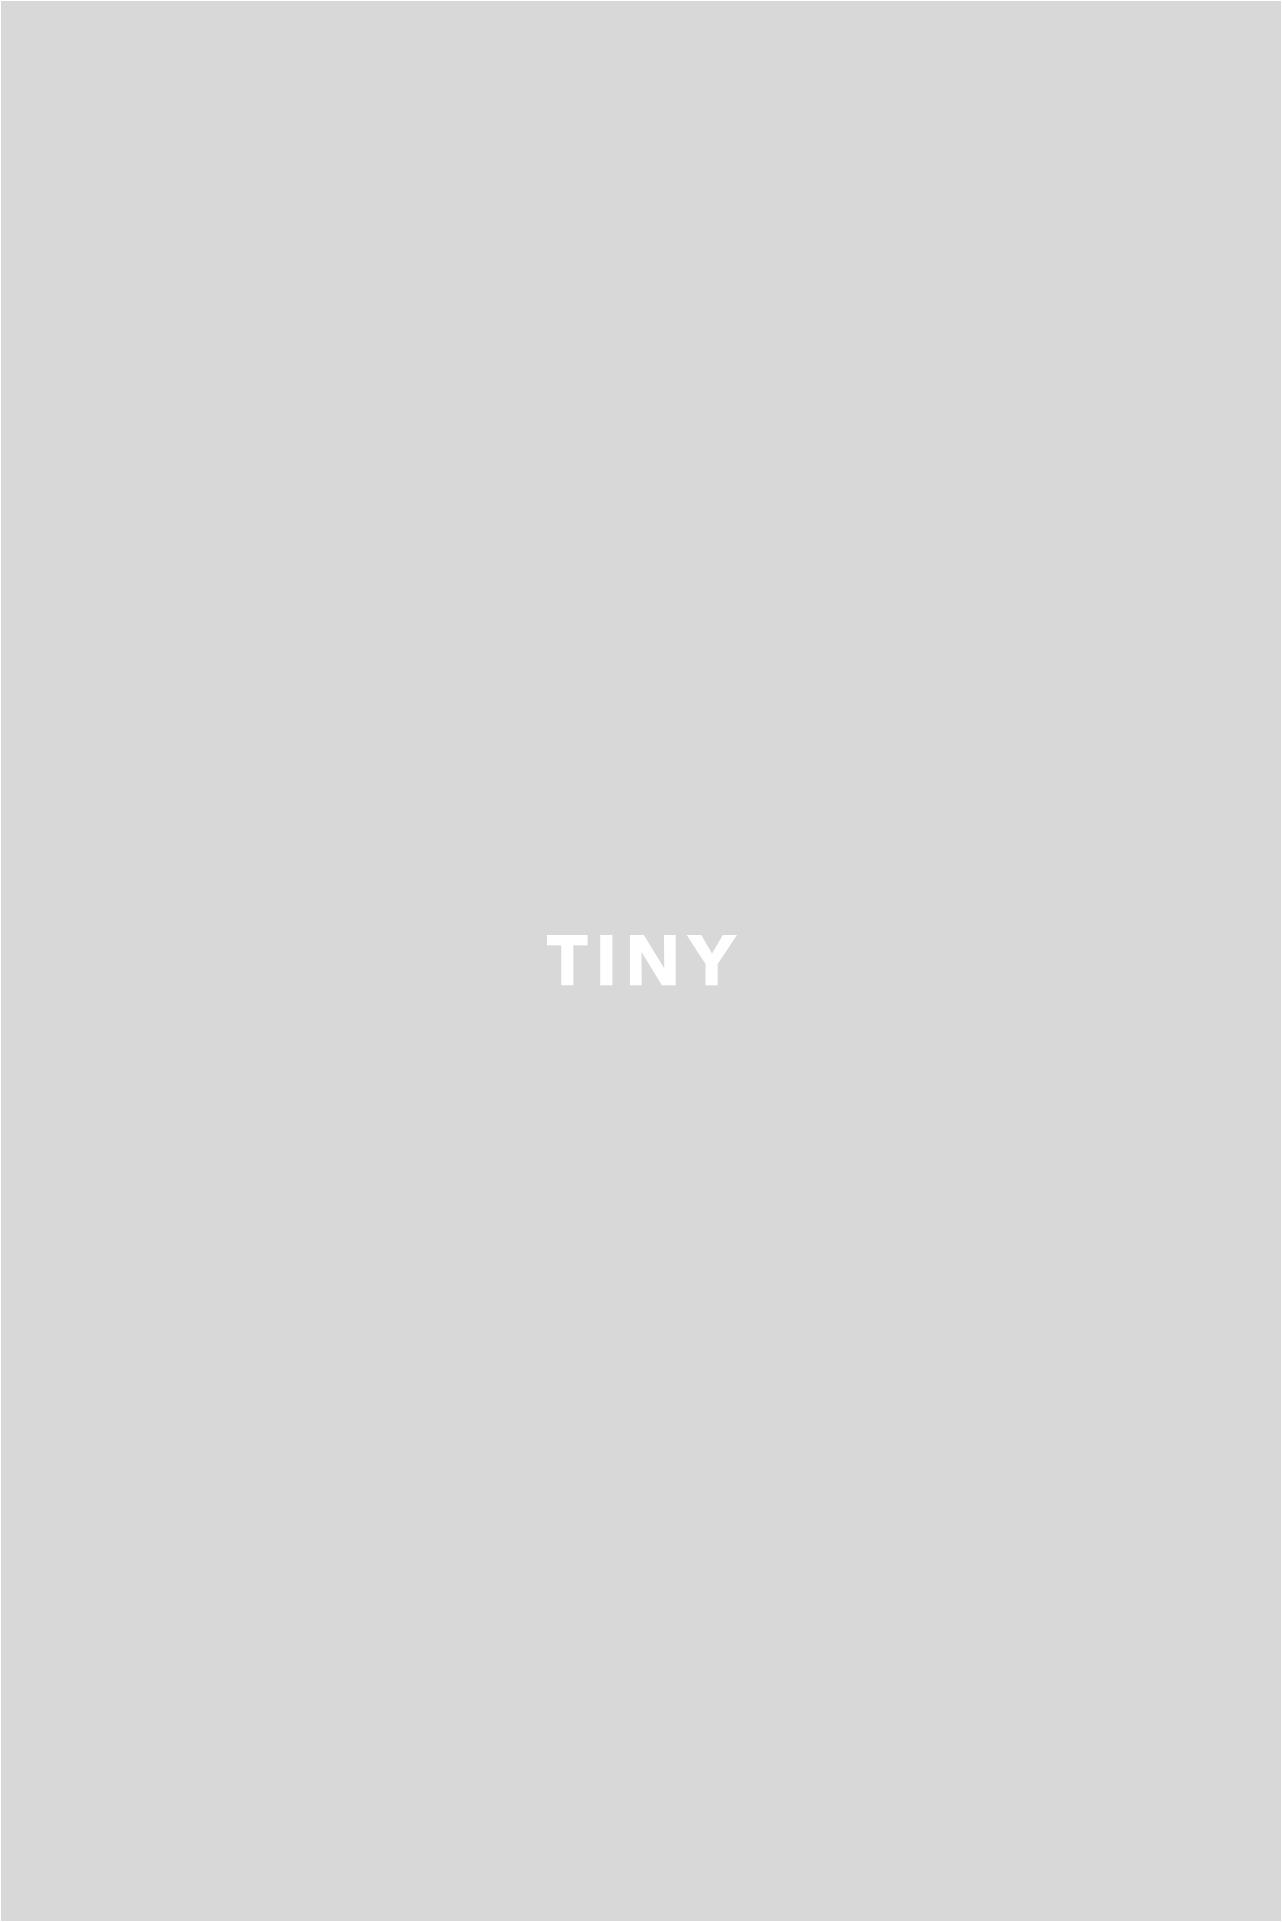 Body Wishing Table